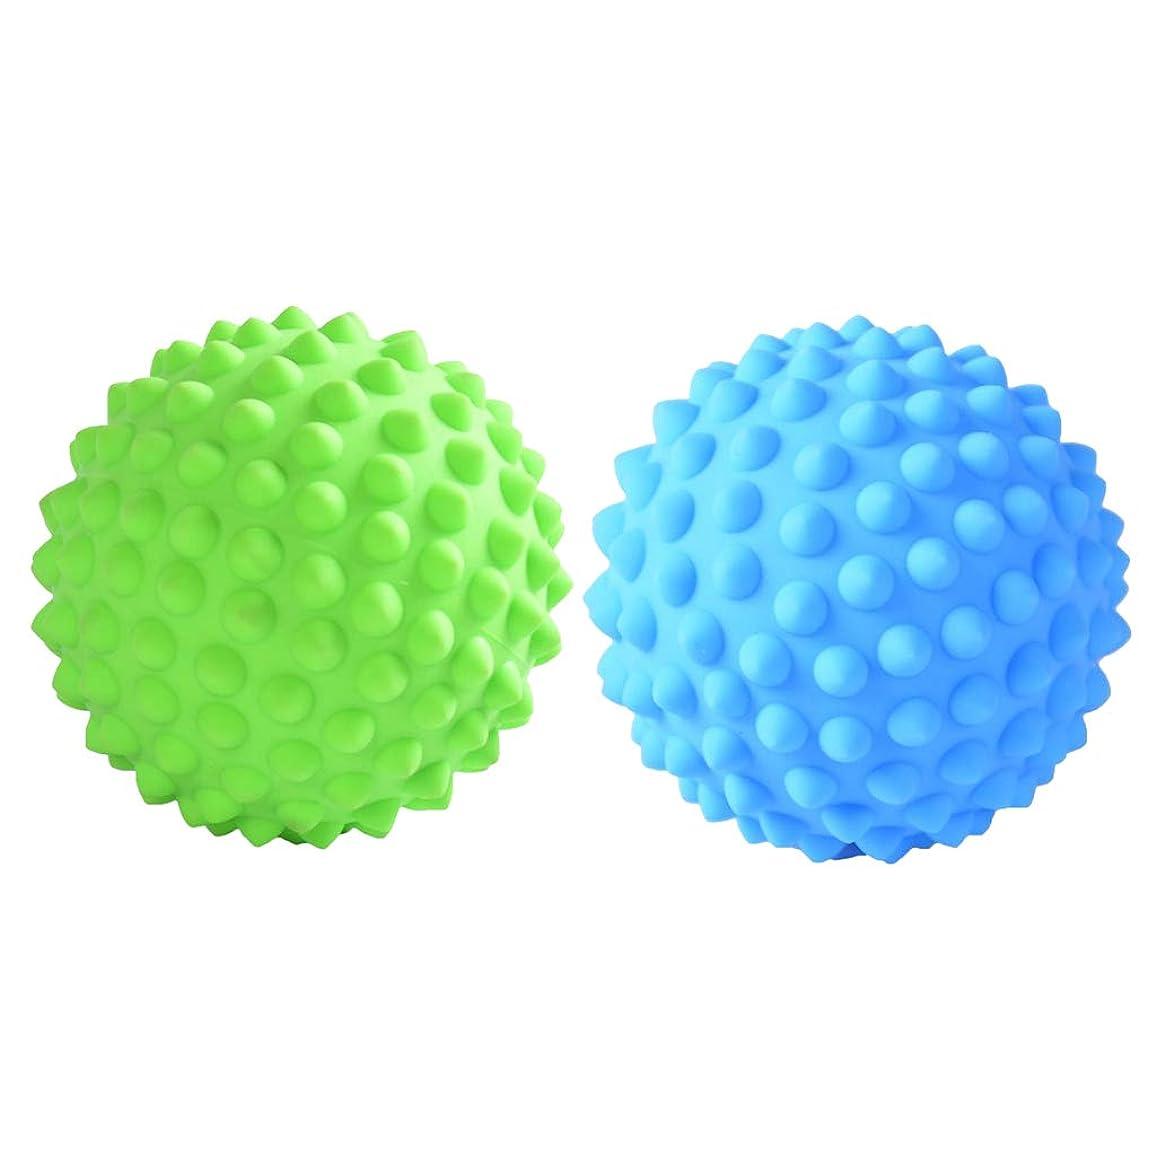 パーク端今後CUTICATE マッサージローラーボール 指圧ボール PVC トリガーポイント 筋膜 疲労軽減 健康的 2個入